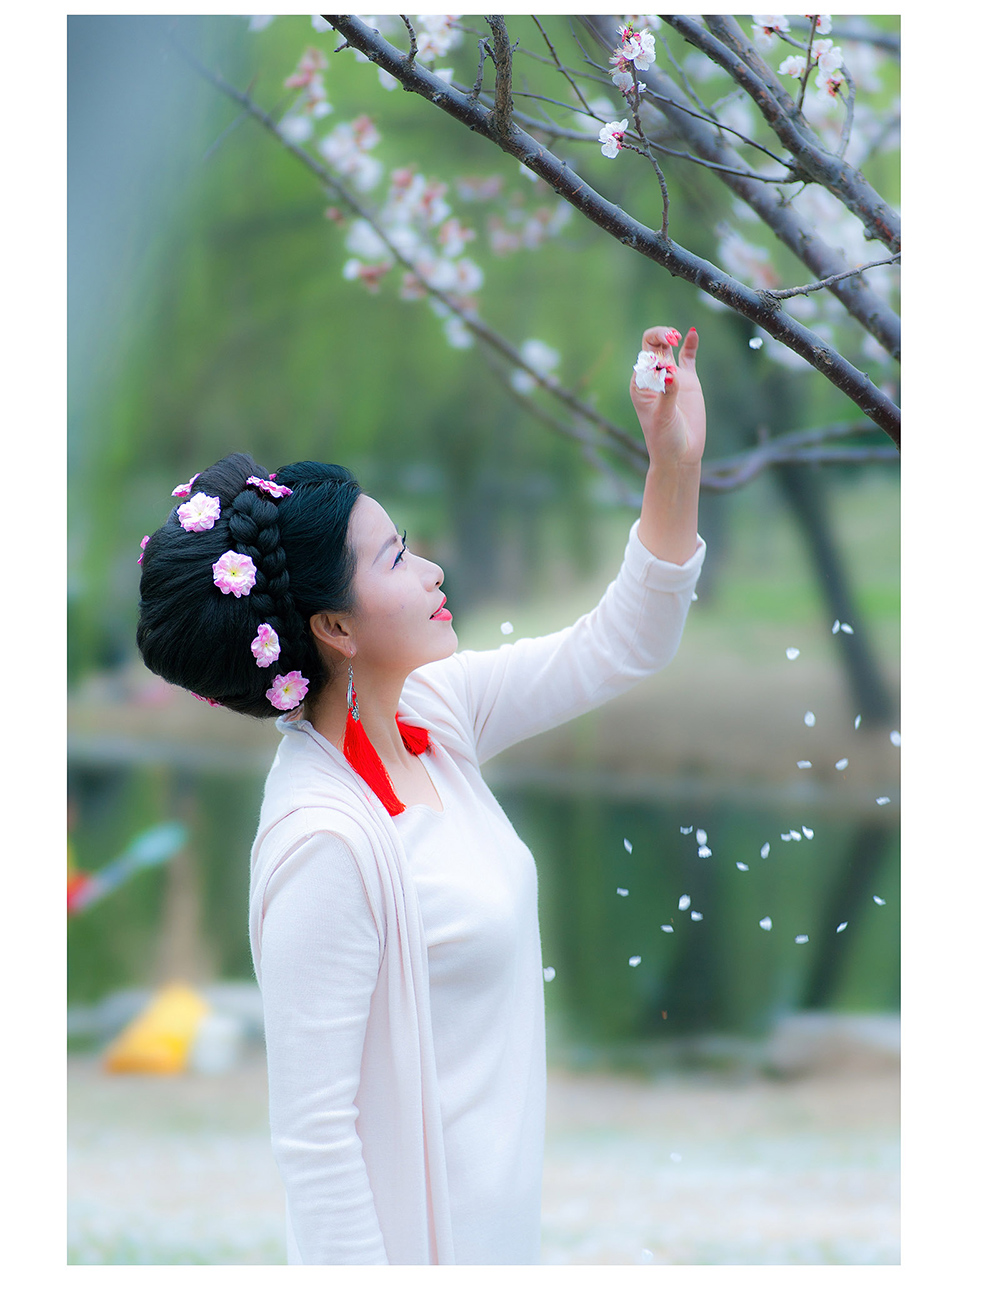 乱拍的家伙作品:三月,桃花雨